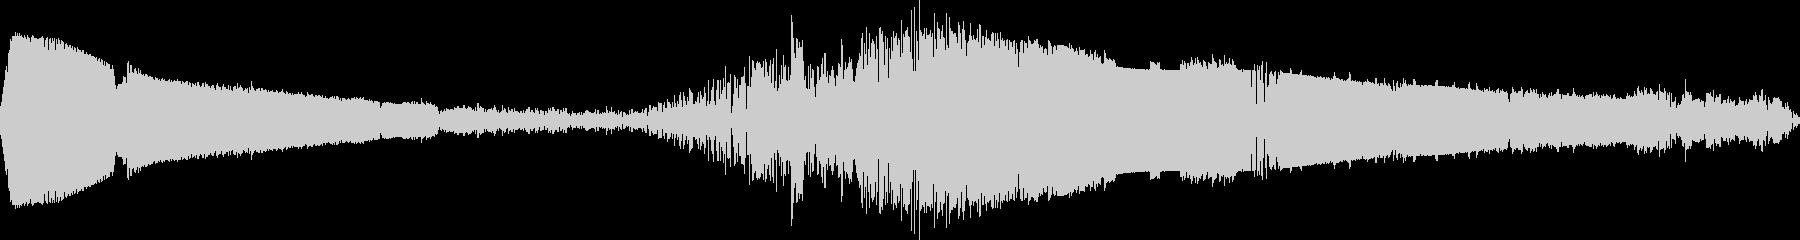 VCS 3 0502 ZGの未再生の波形